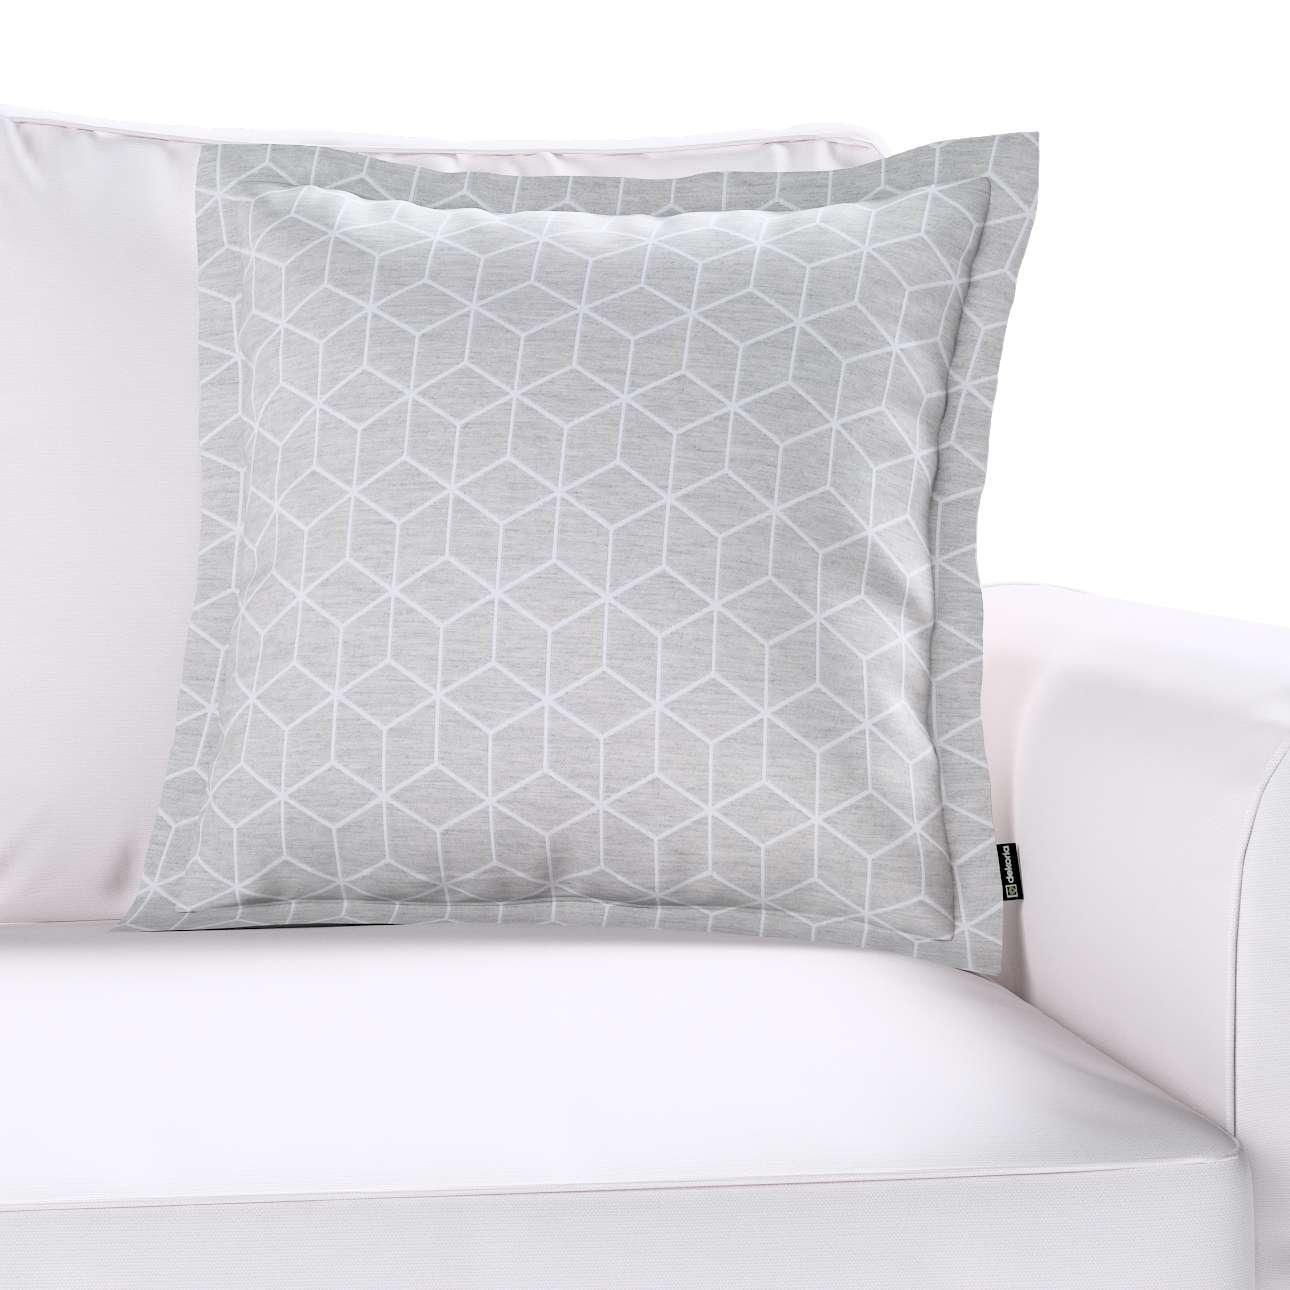 Poszewka Mona na poduszkę w kolekcji Sunny, tkanina: 143-50